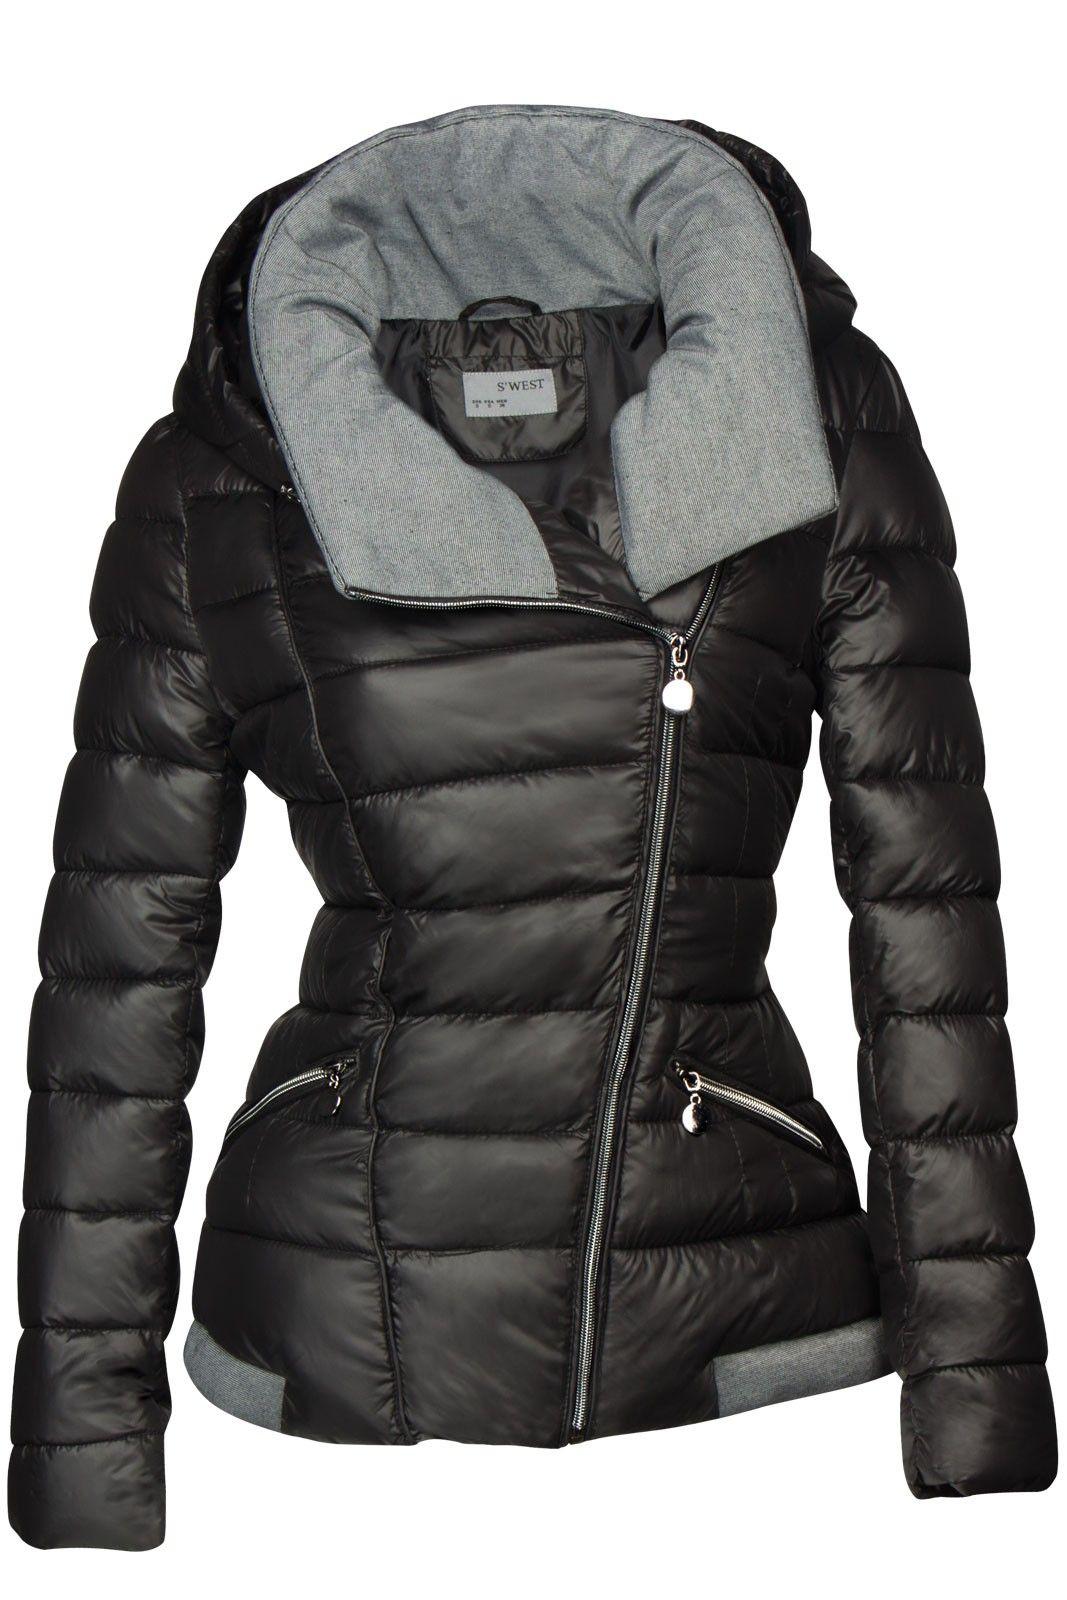 beste Qualität für Modestil von 2019 Online-Einzelhändler Damen Winterjacke Warme Steppjacke Skijacke Daunenoptik ...